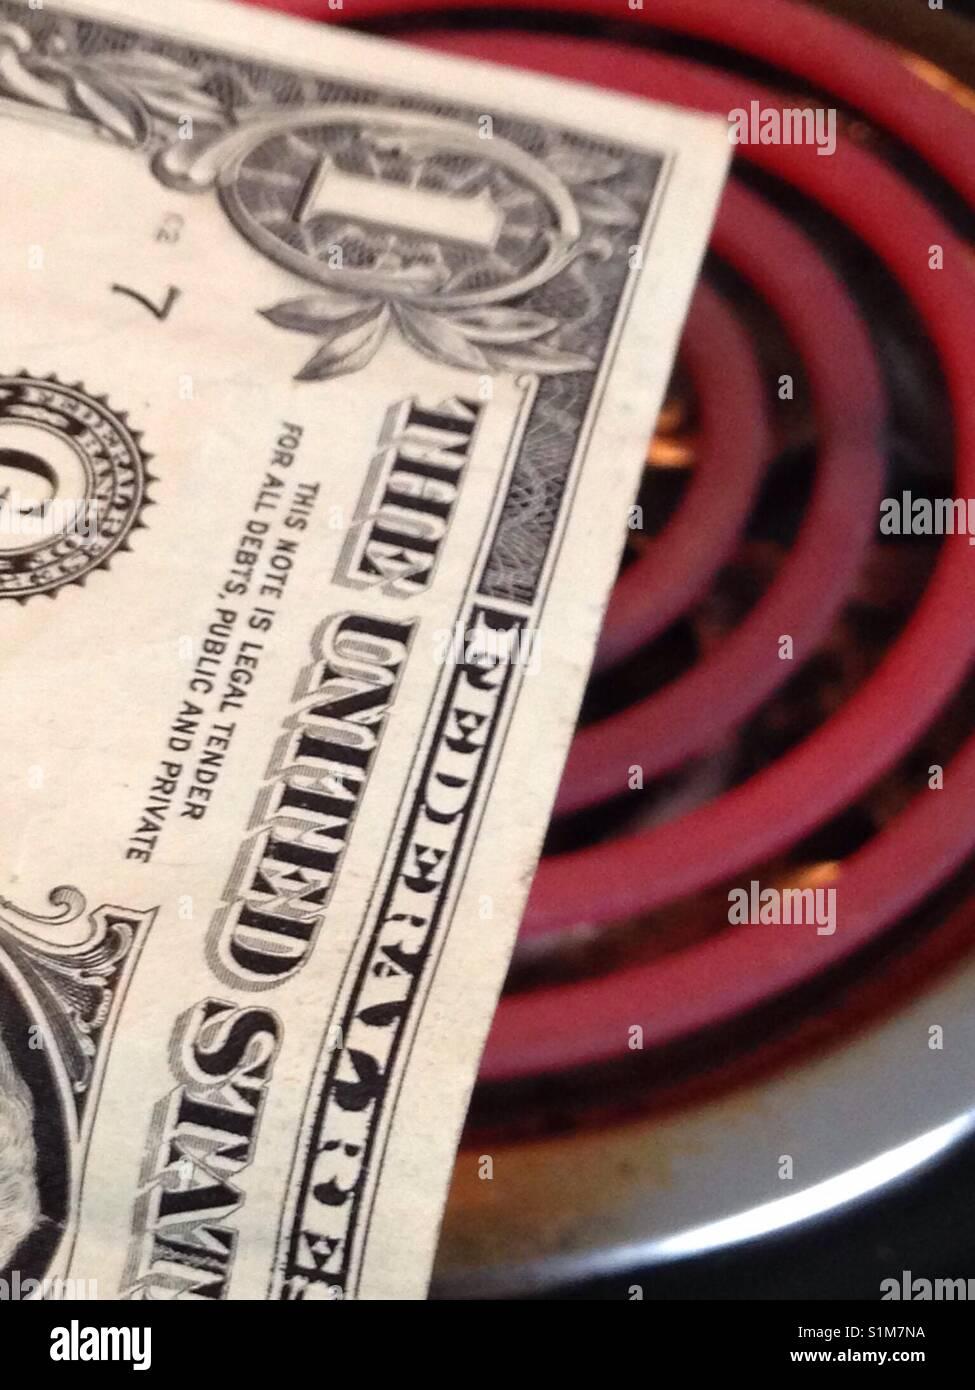 Burning money concept - Stock Image